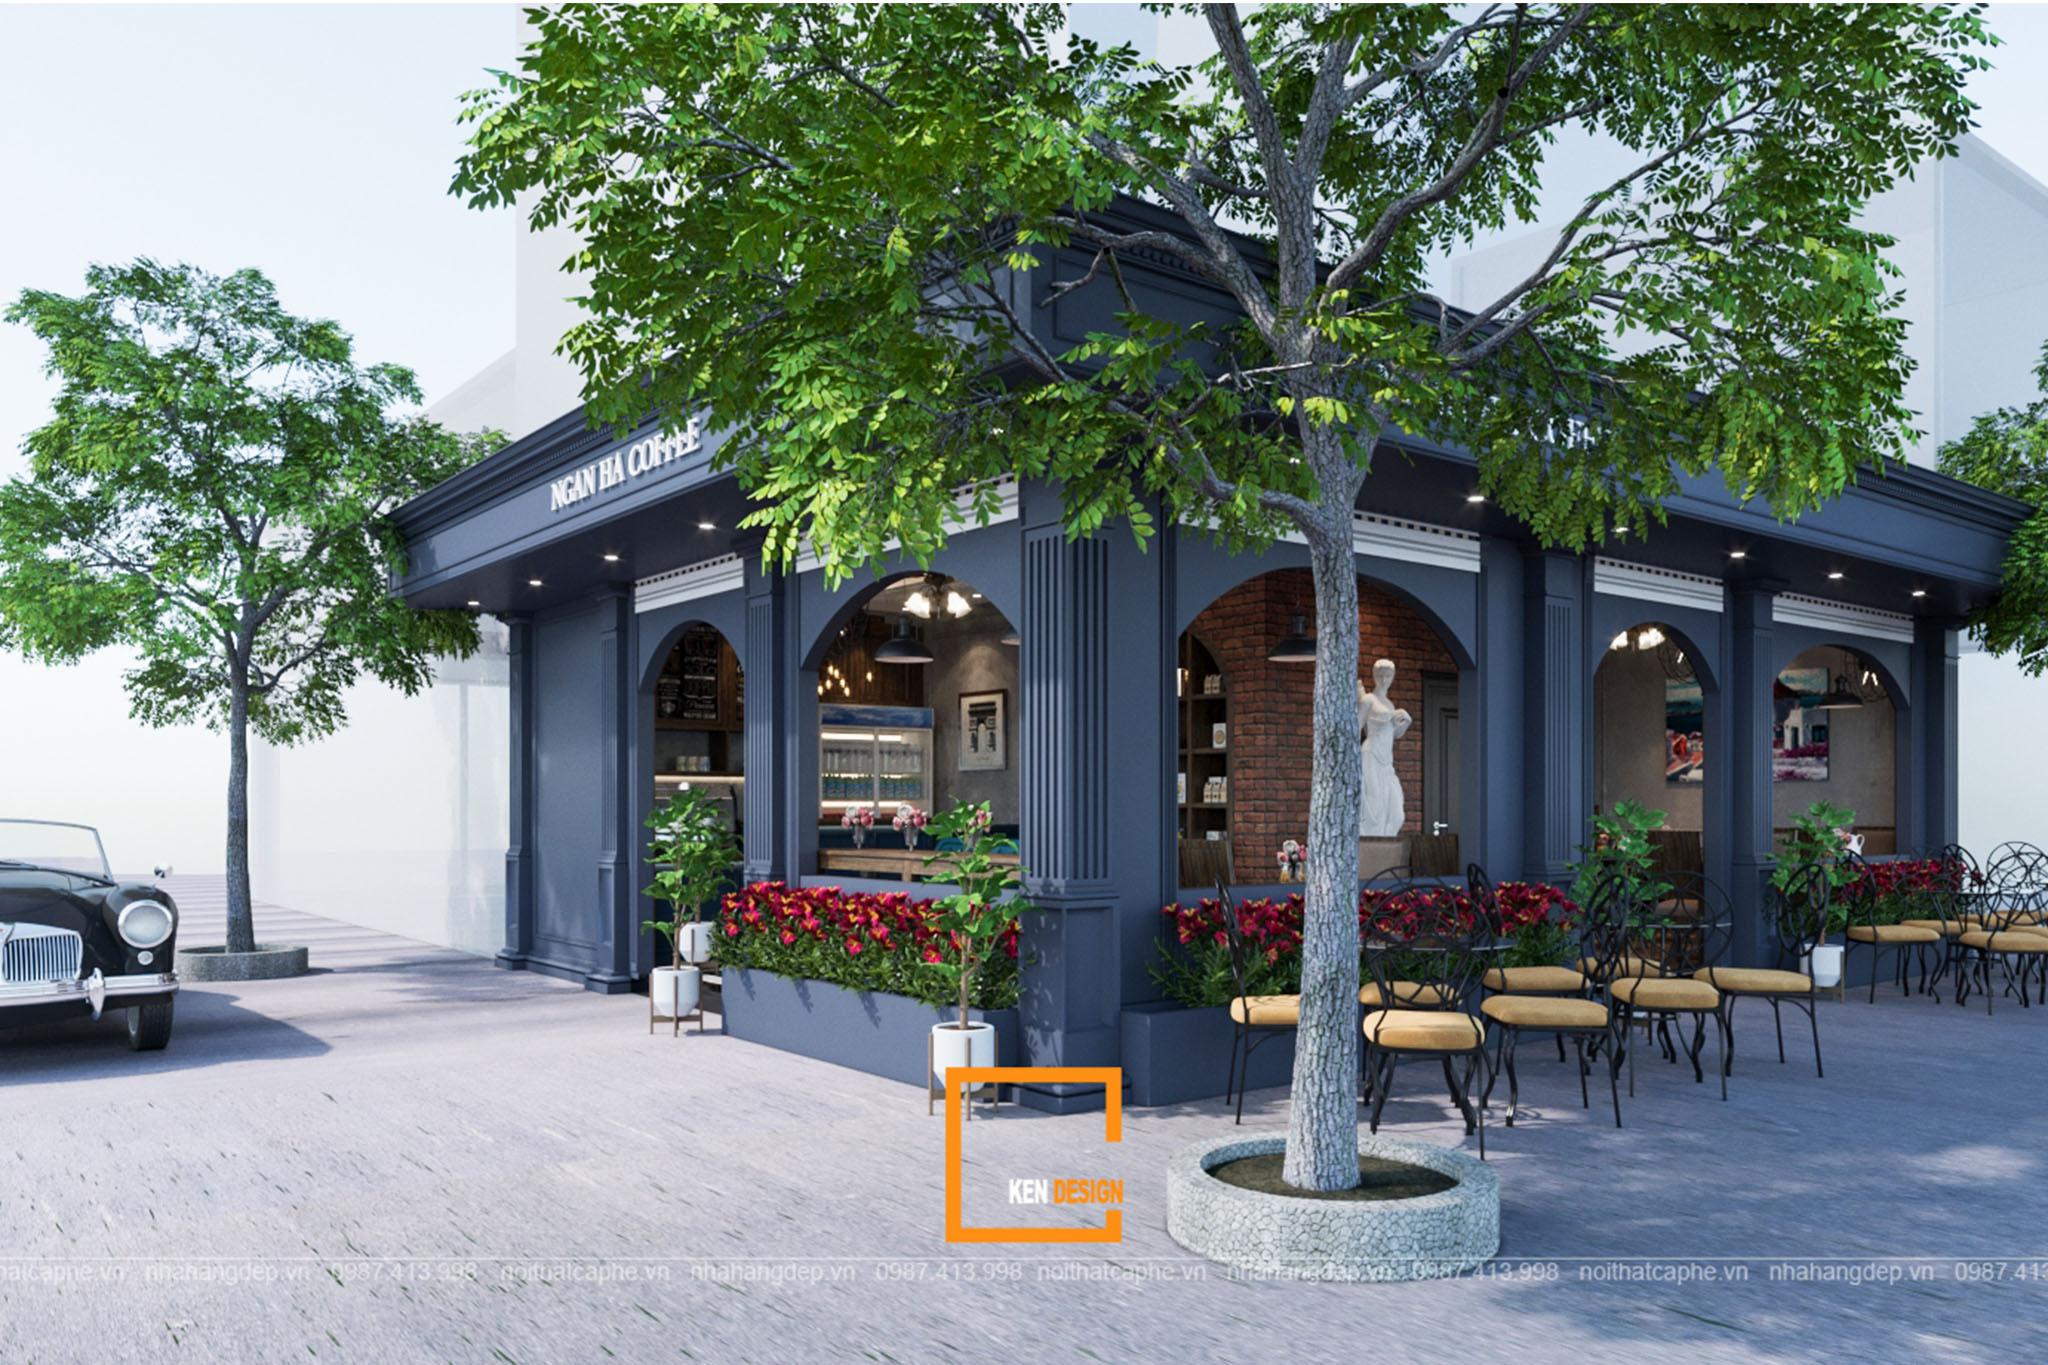 Thiết kế quán cafe tân cổ điển – Sự quyến rũ của lối kiến trúc Châu Âu